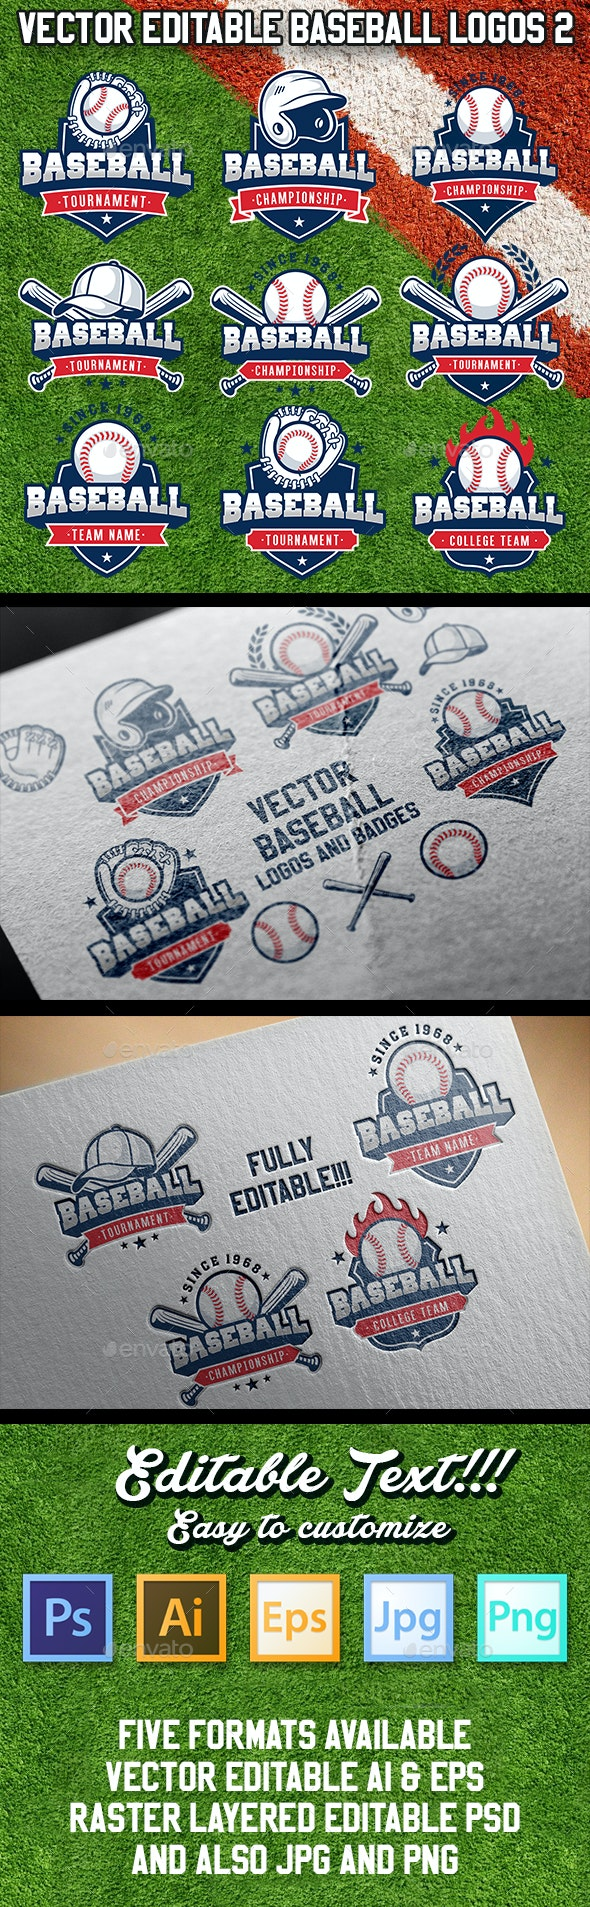 Vector Editable Baseball Logos 2 - Sports/Activity Conceptual